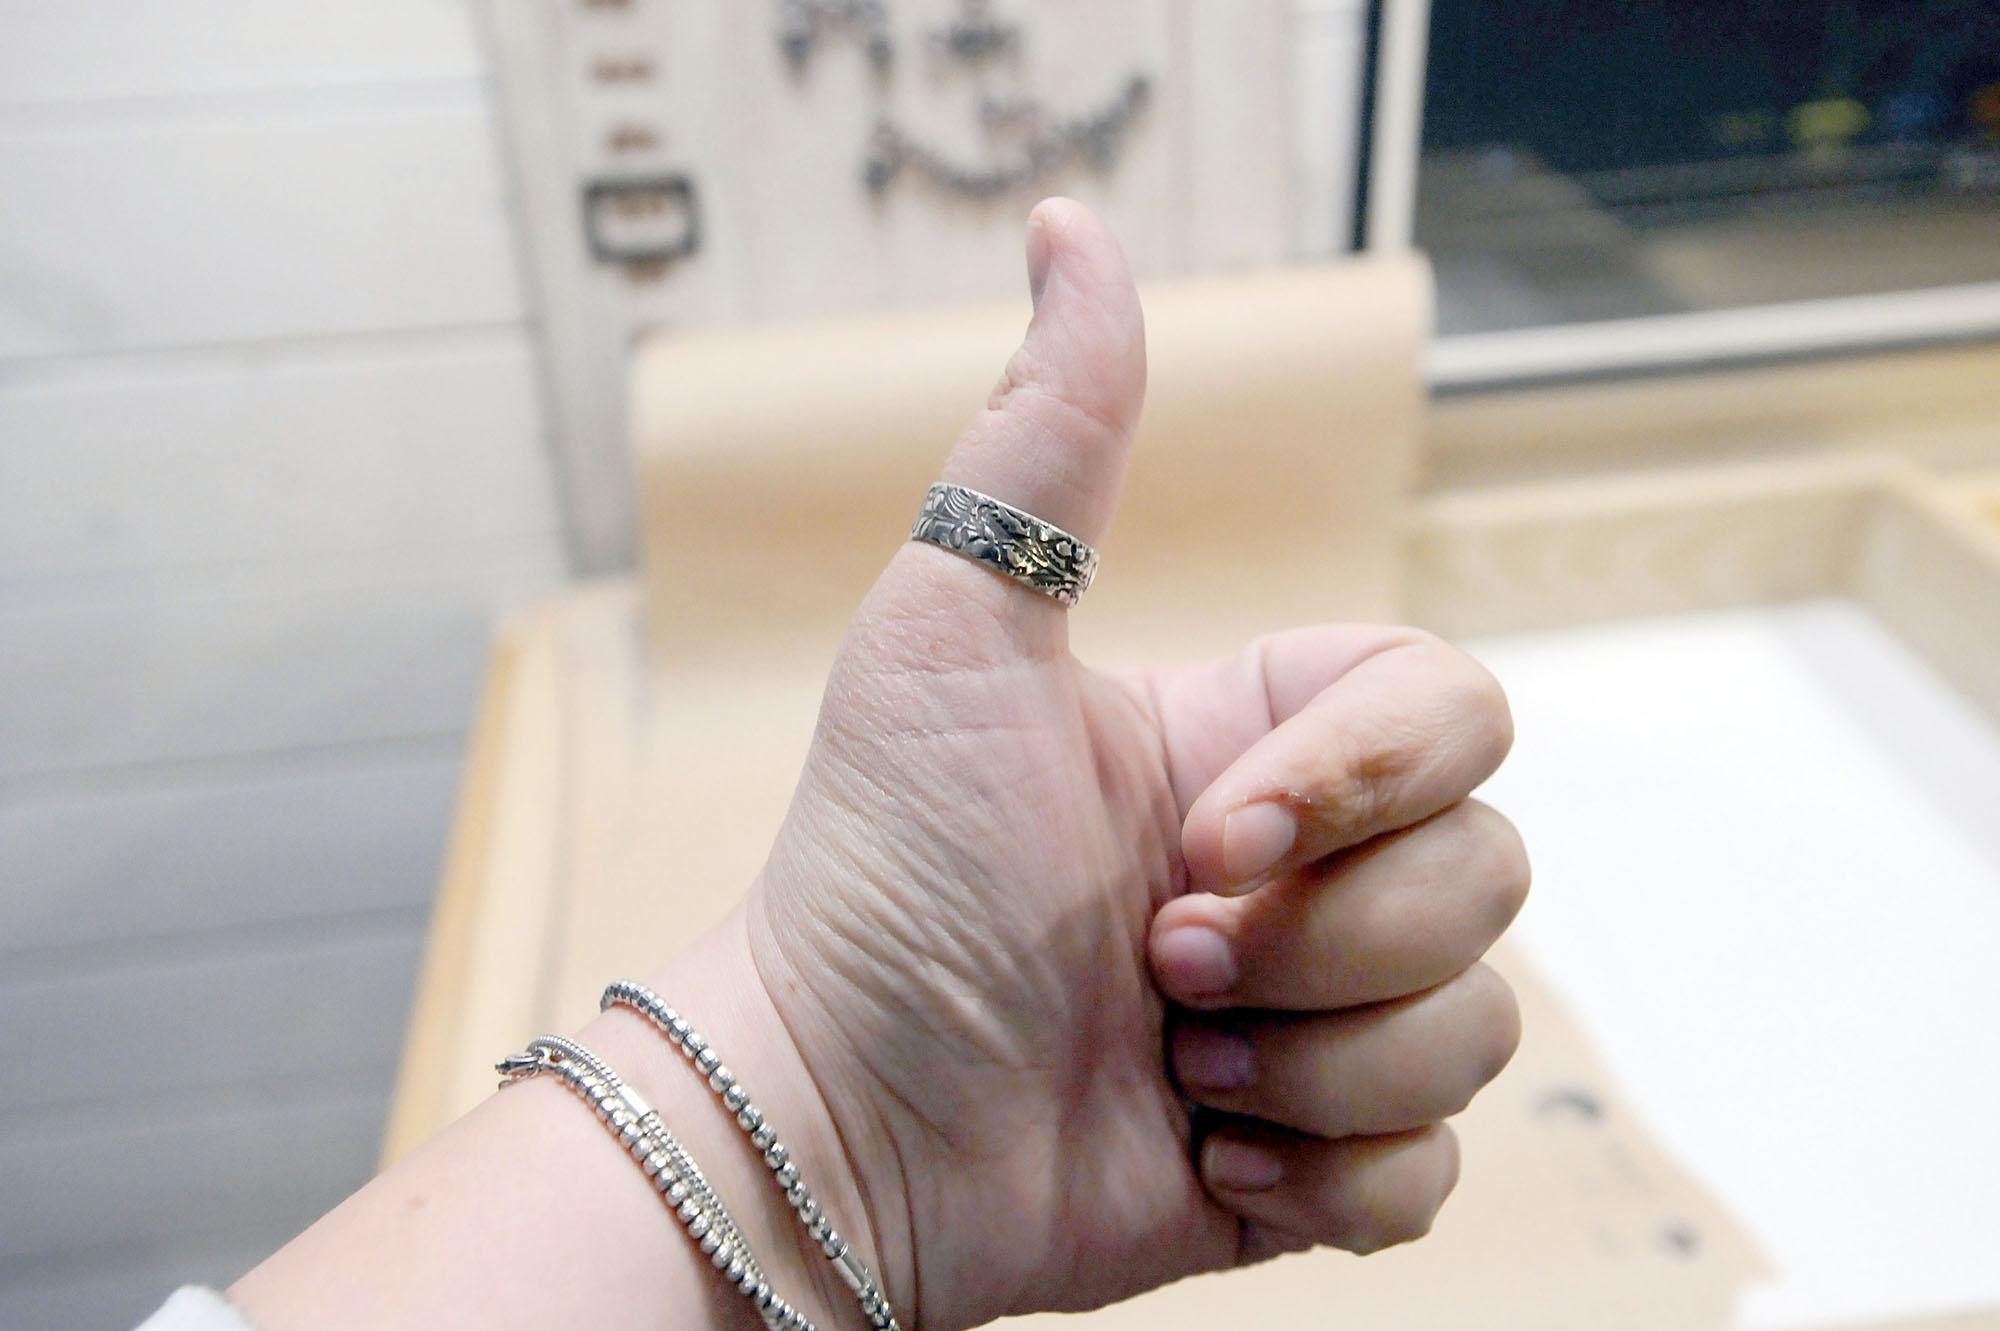 И вот оно — кольцо мечты! Сделанное по собственному дизайну и своими руками! При желании можно научи